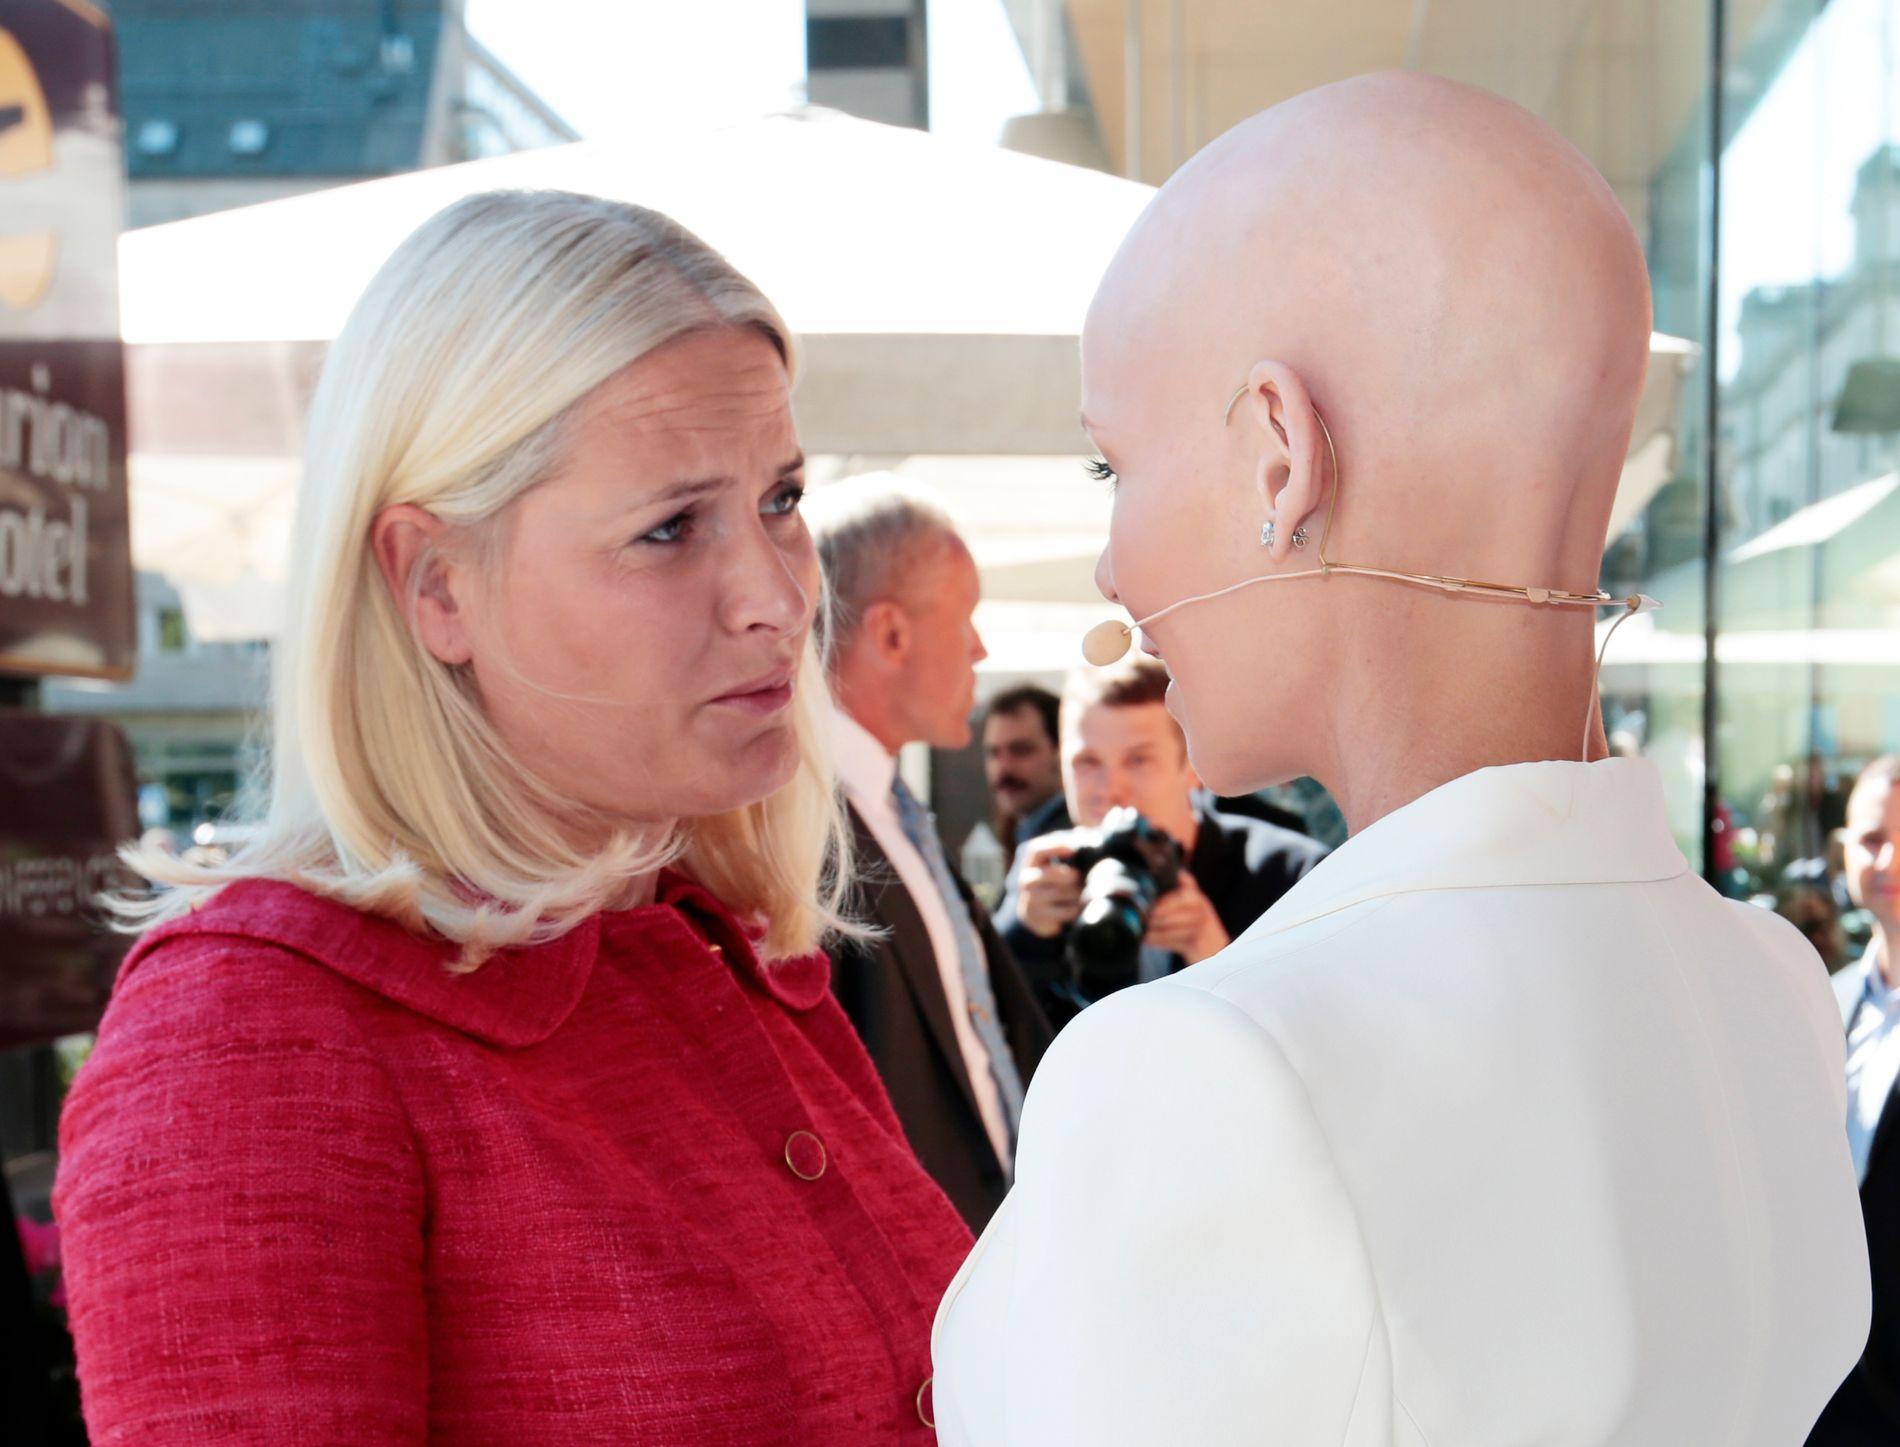 RØRT: Kronprinsesse Mette-Marit (t.v.) var rørt til tårer da hun møtte venninnen Gunhild Stordalen før Stordalen holdt sin tale på EAT-konferansen mandag.